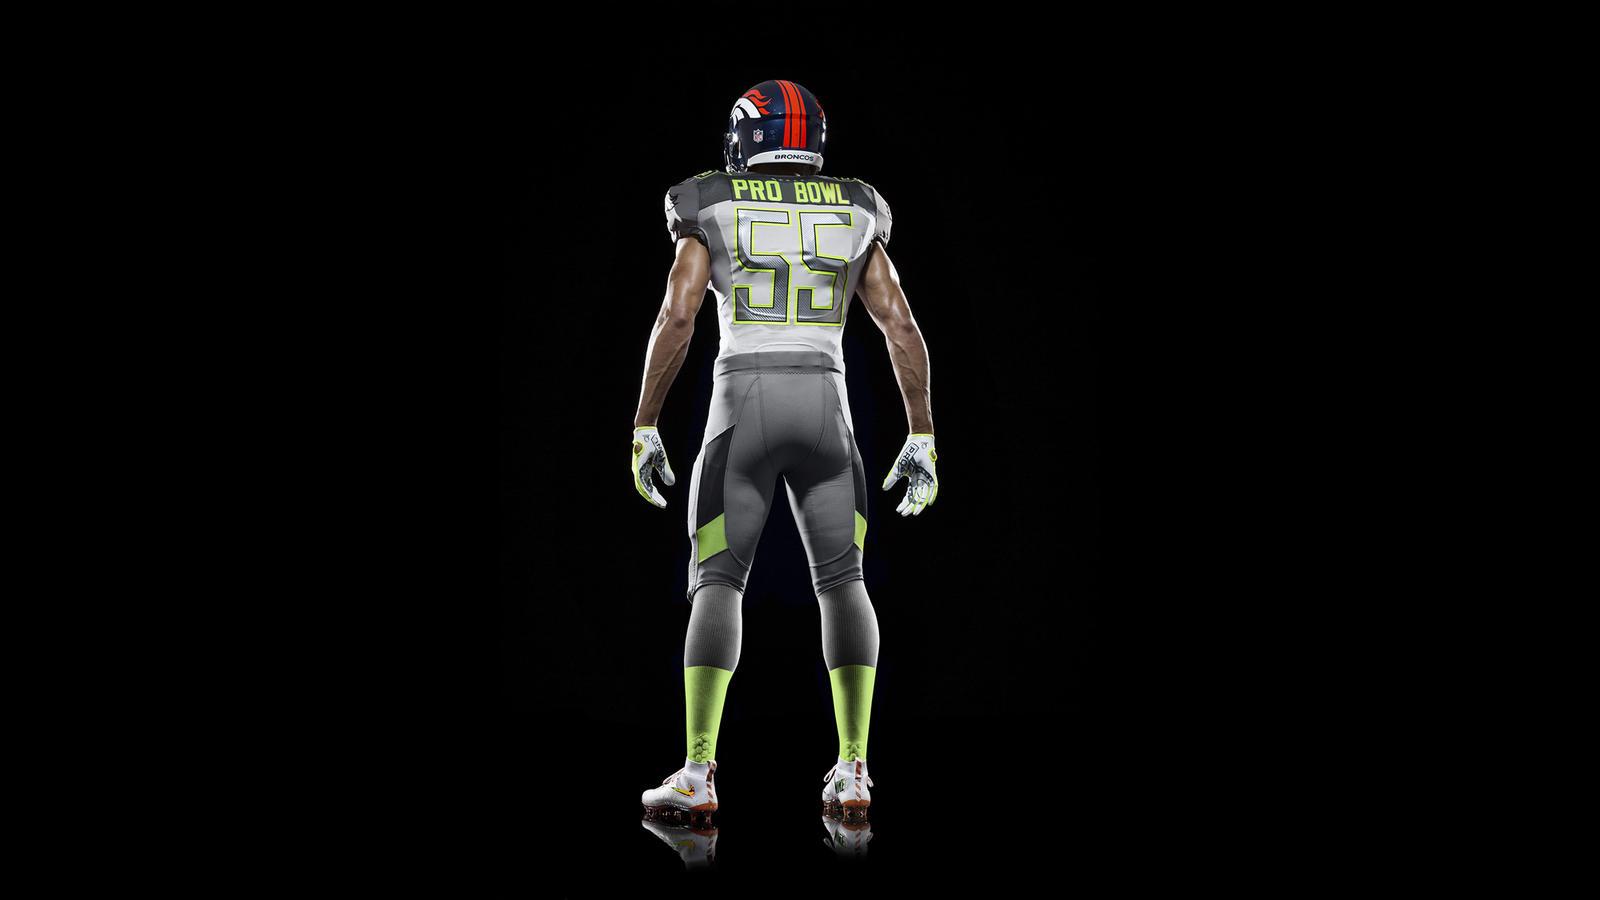 SP14_NFL_SB_TeamUni_AFC_4667_PB_PR